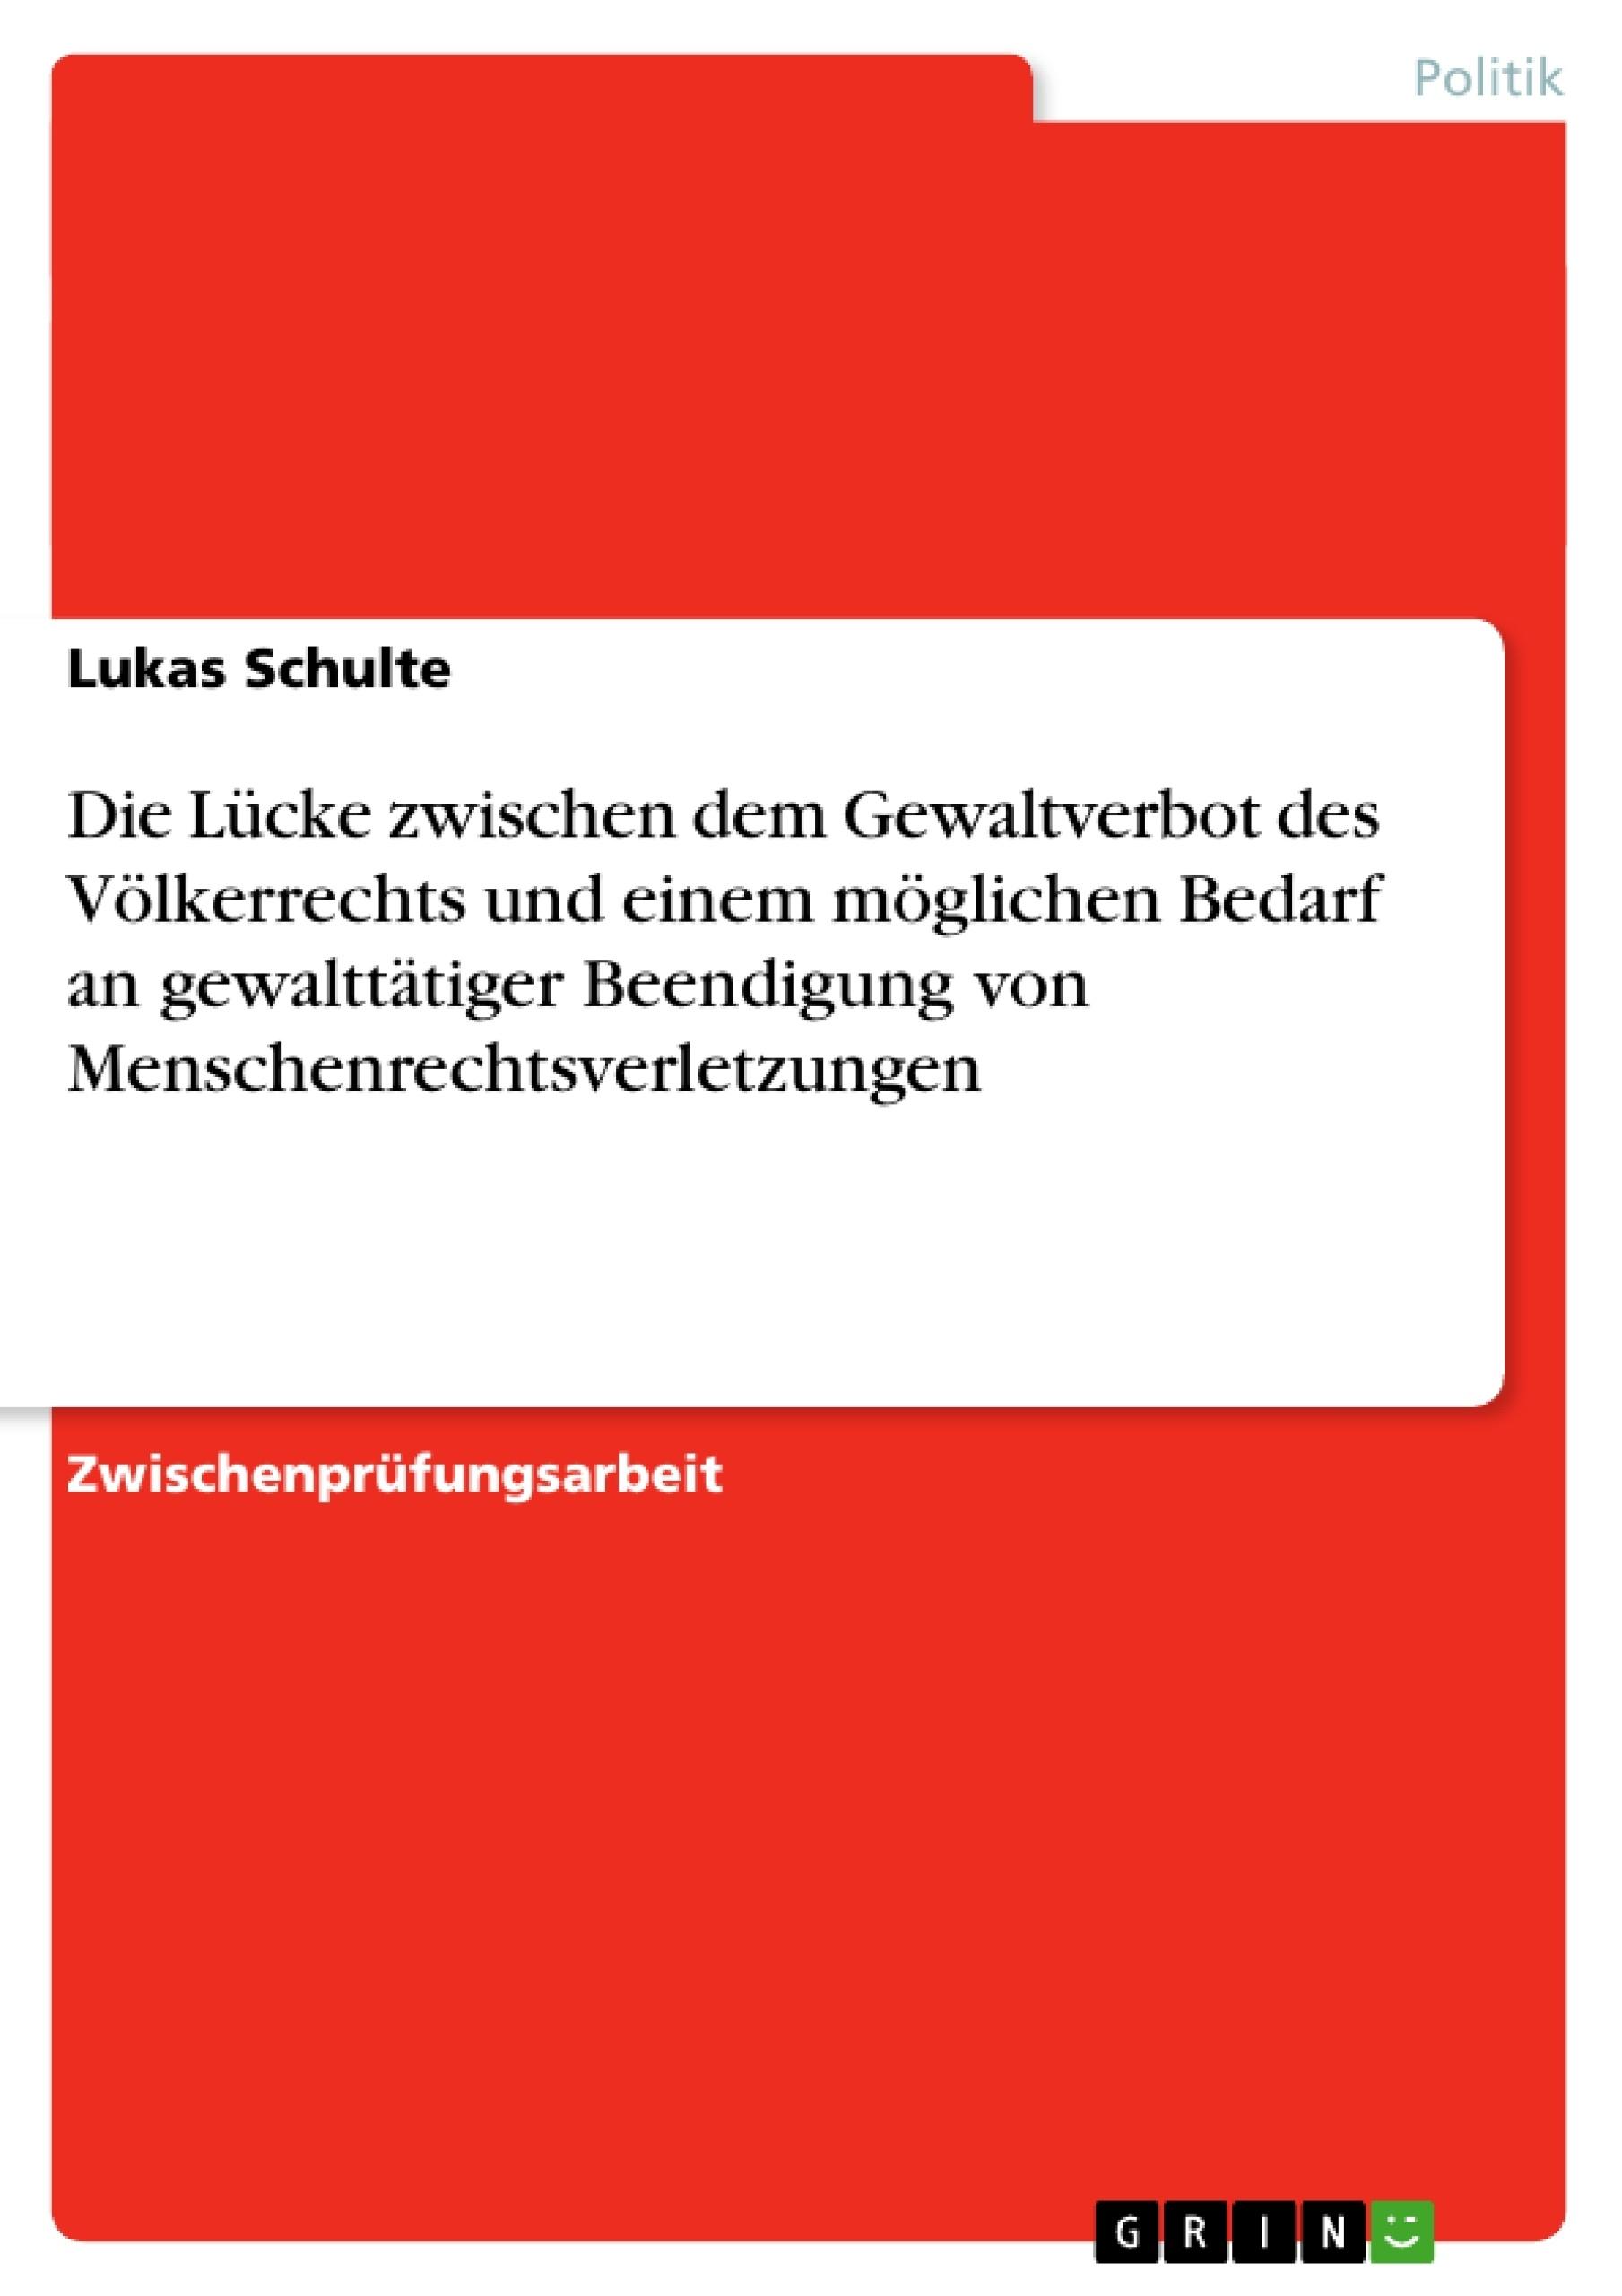 Titel: Die Lücke zwischen dem Gewaltverbot des Völkerrechts und einem möglichen Bedarf an gewalttätiger Beendigung von Menschenrechtsverletzungen